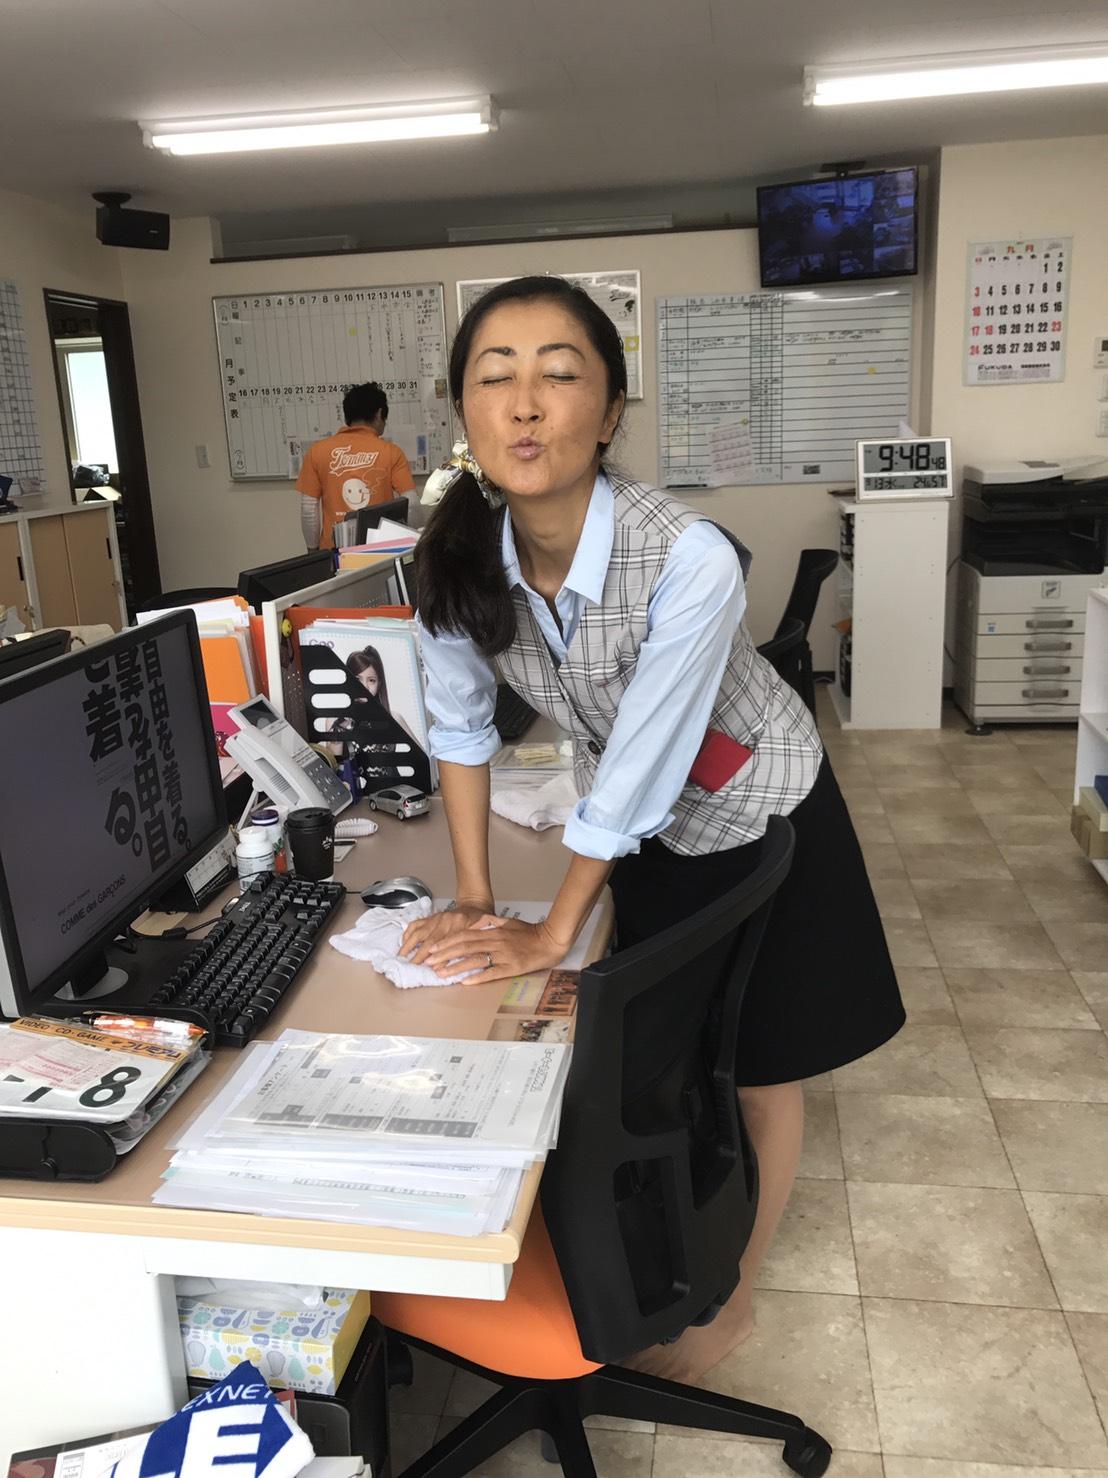 9月13日 水曜日のひとログ!(´▽`) トラック・バスのレンタカーもやってます!!!TOMMY★_b0127002_16224492.jpg